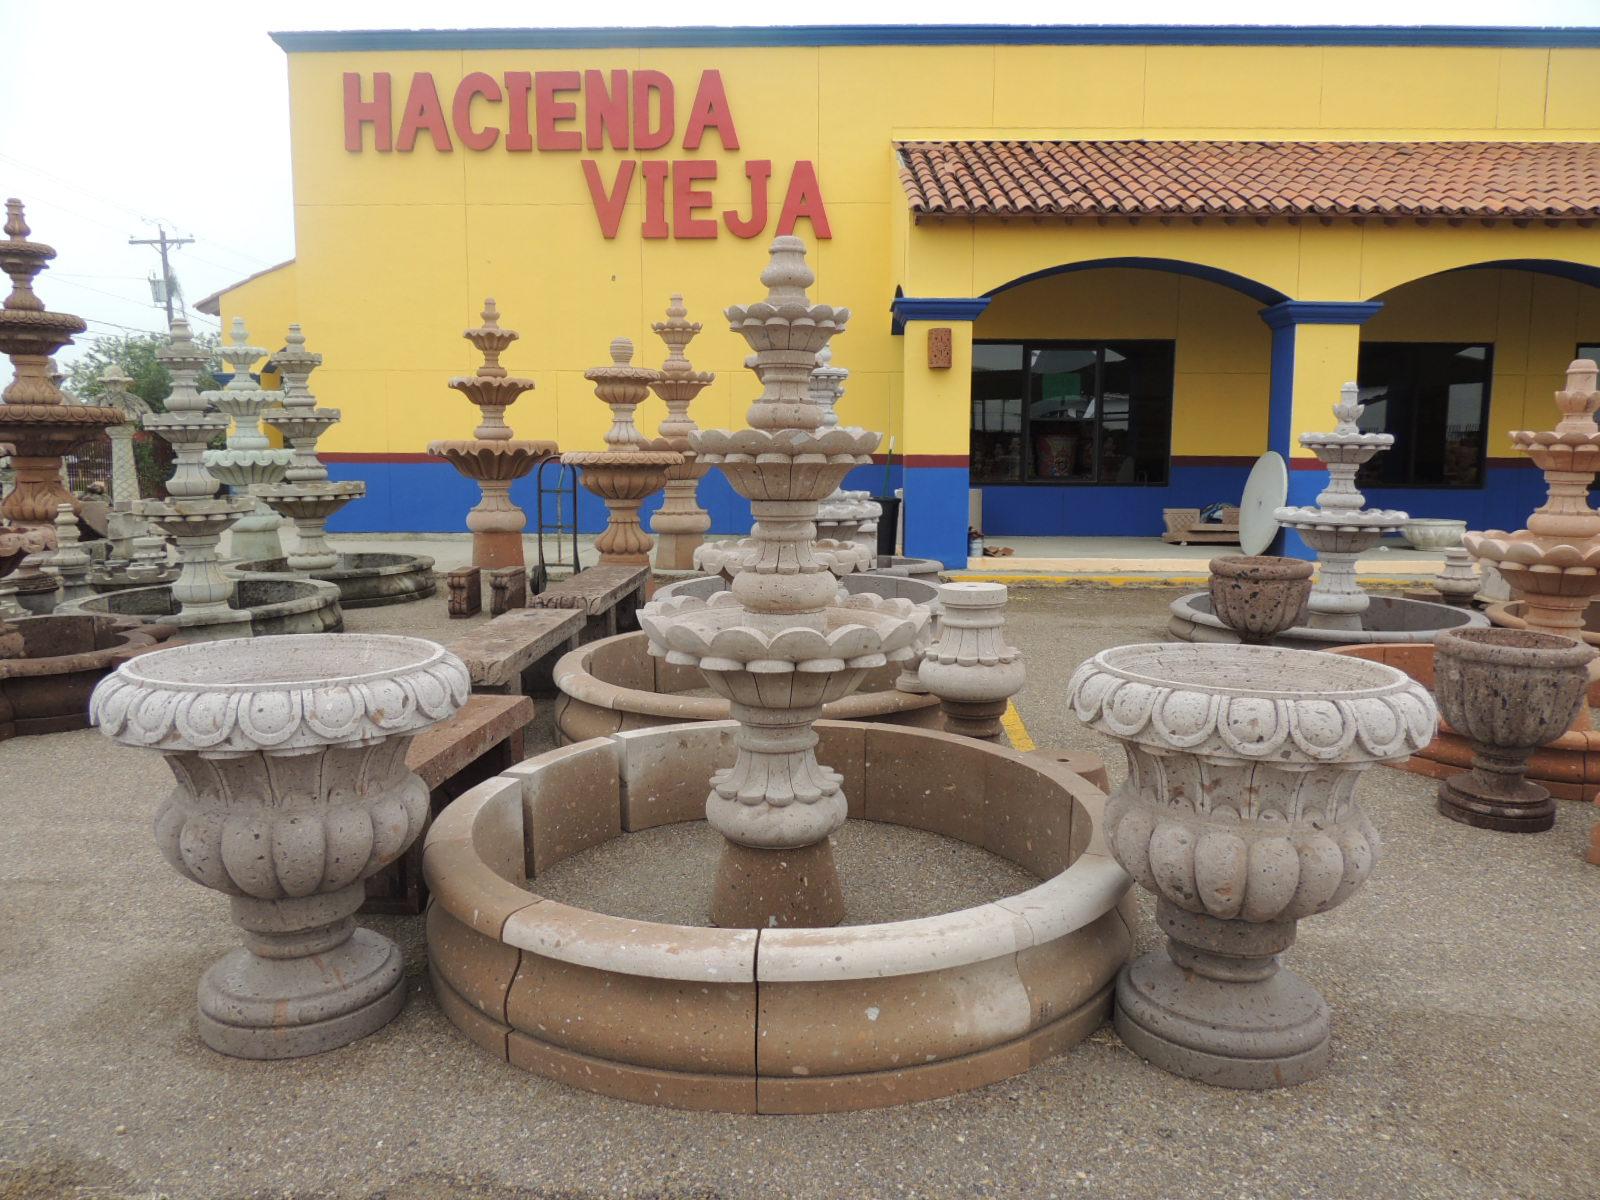 Hacienda Vieja Imports 5810 E Saunders St, Laredo, TX 78041